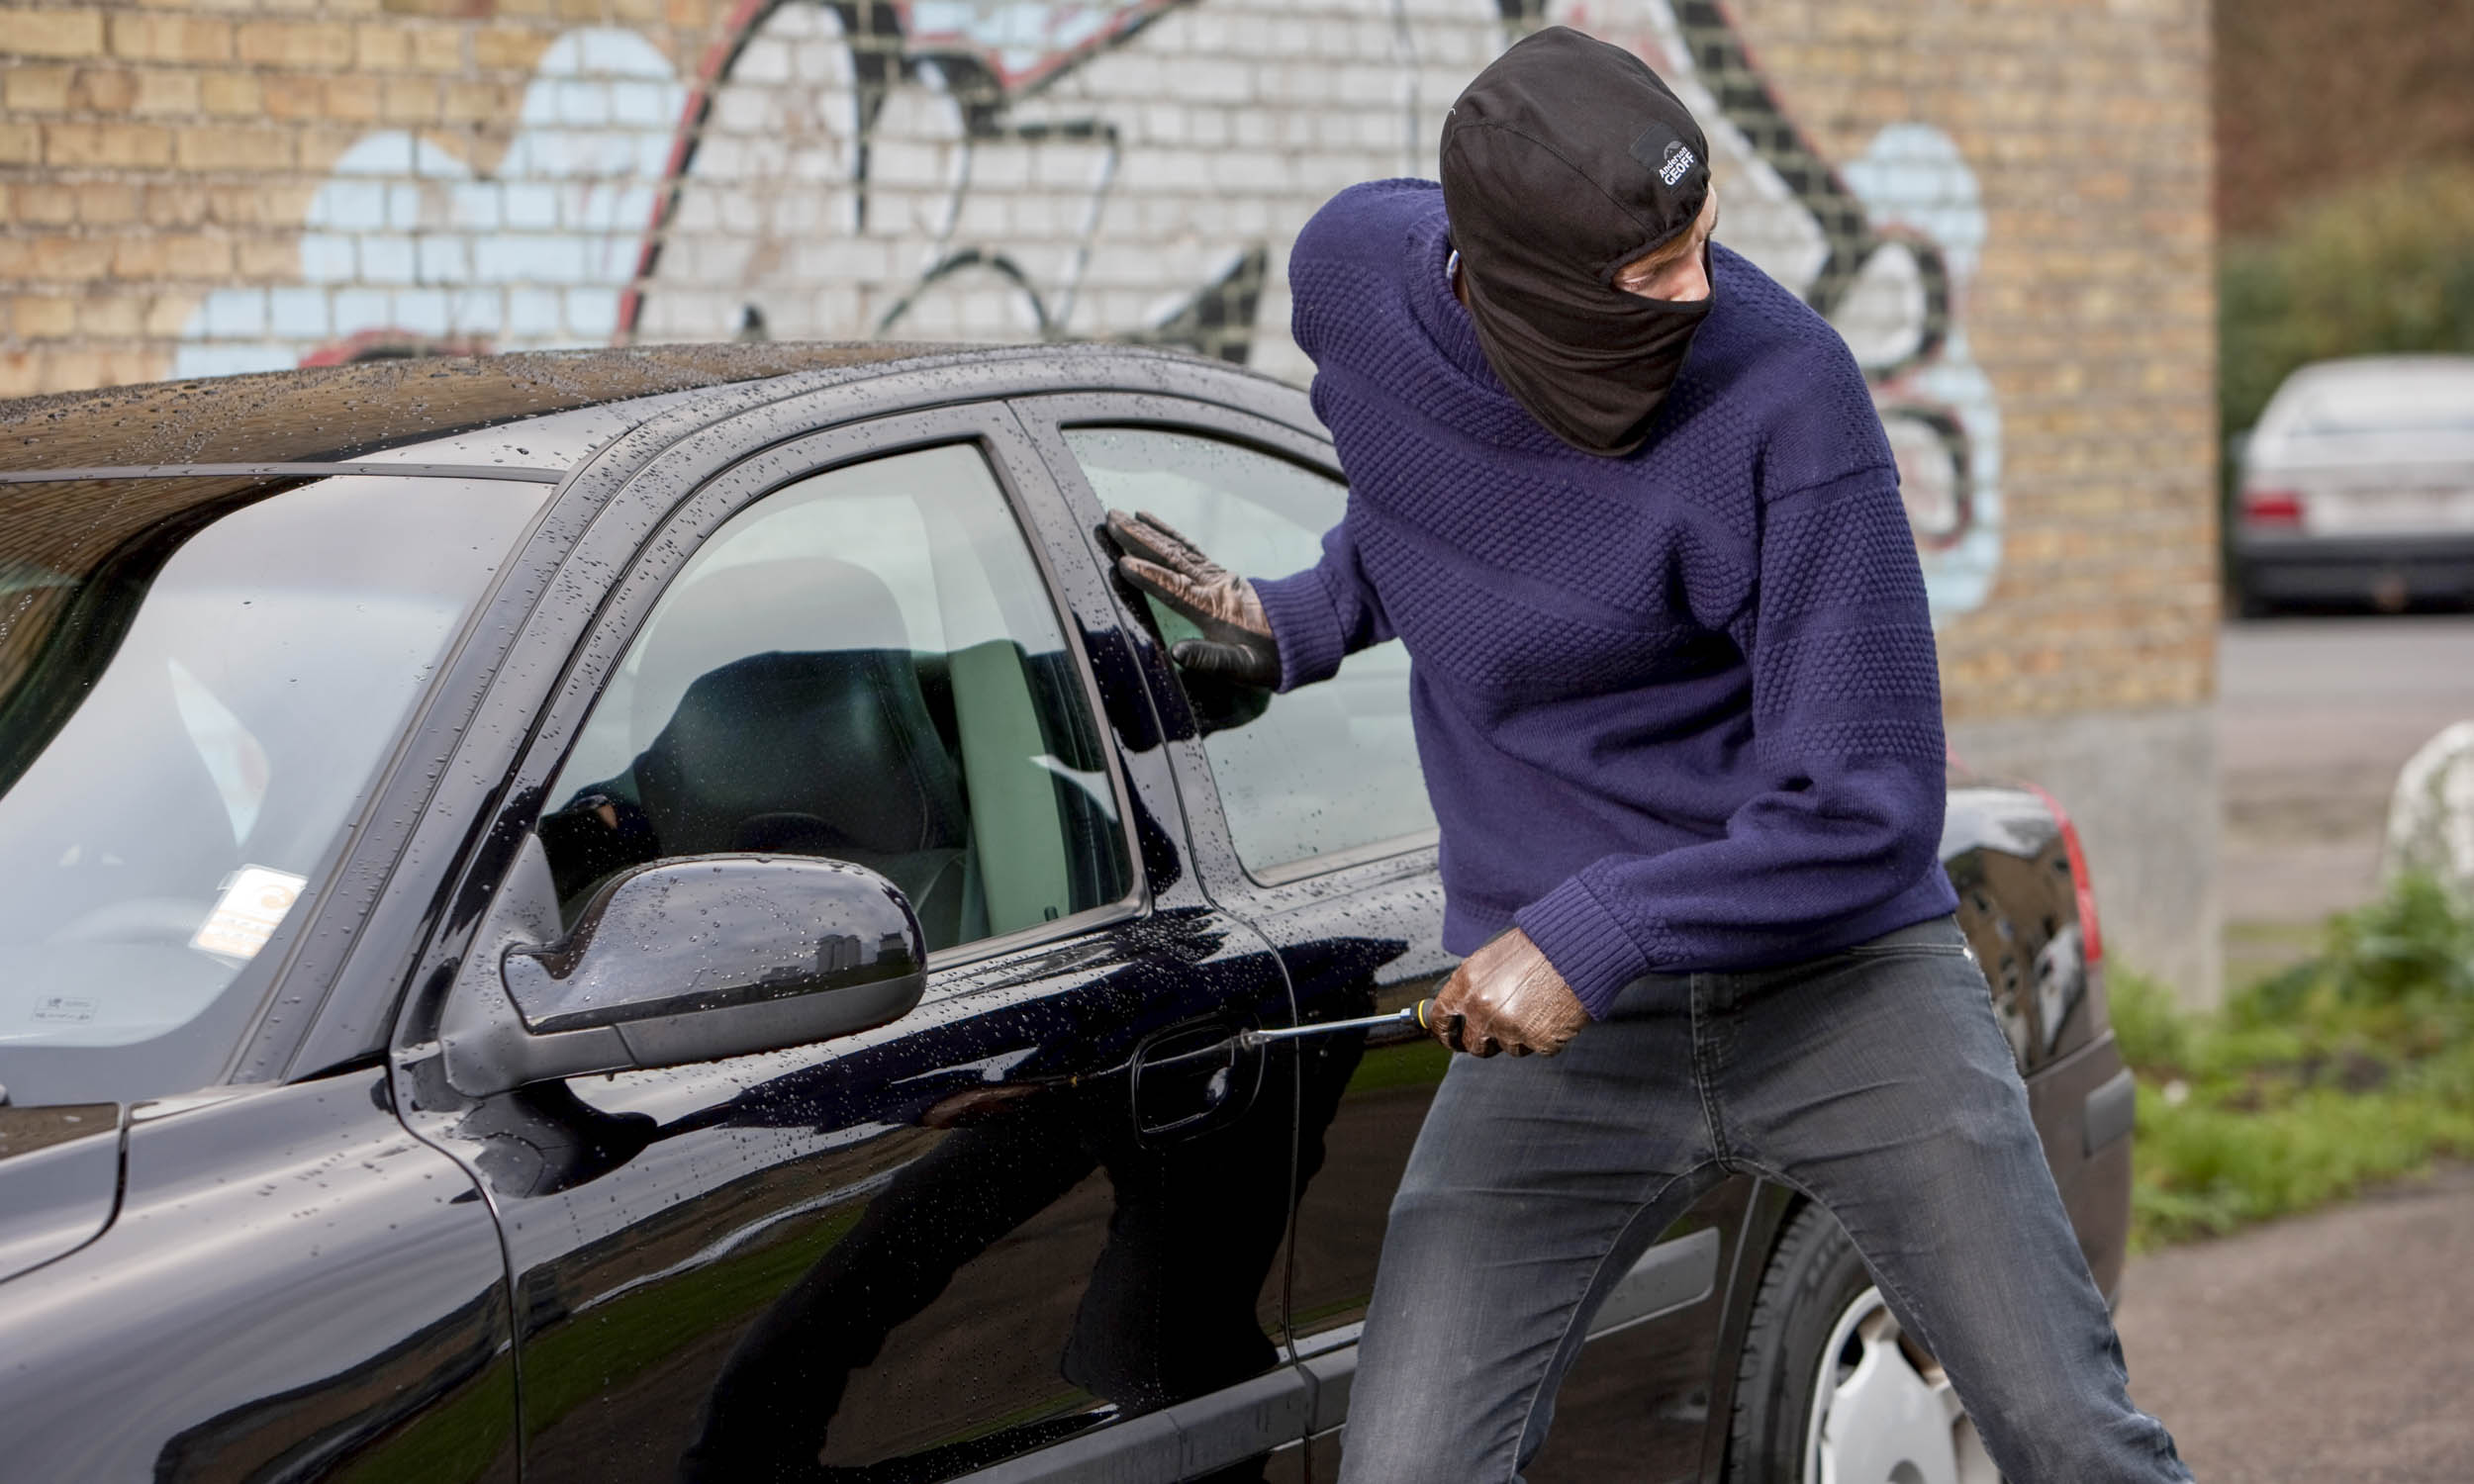 รู้ก่อนรถหาย วิธีโจรกรรมรถที่คนมีรถต้องระวัง